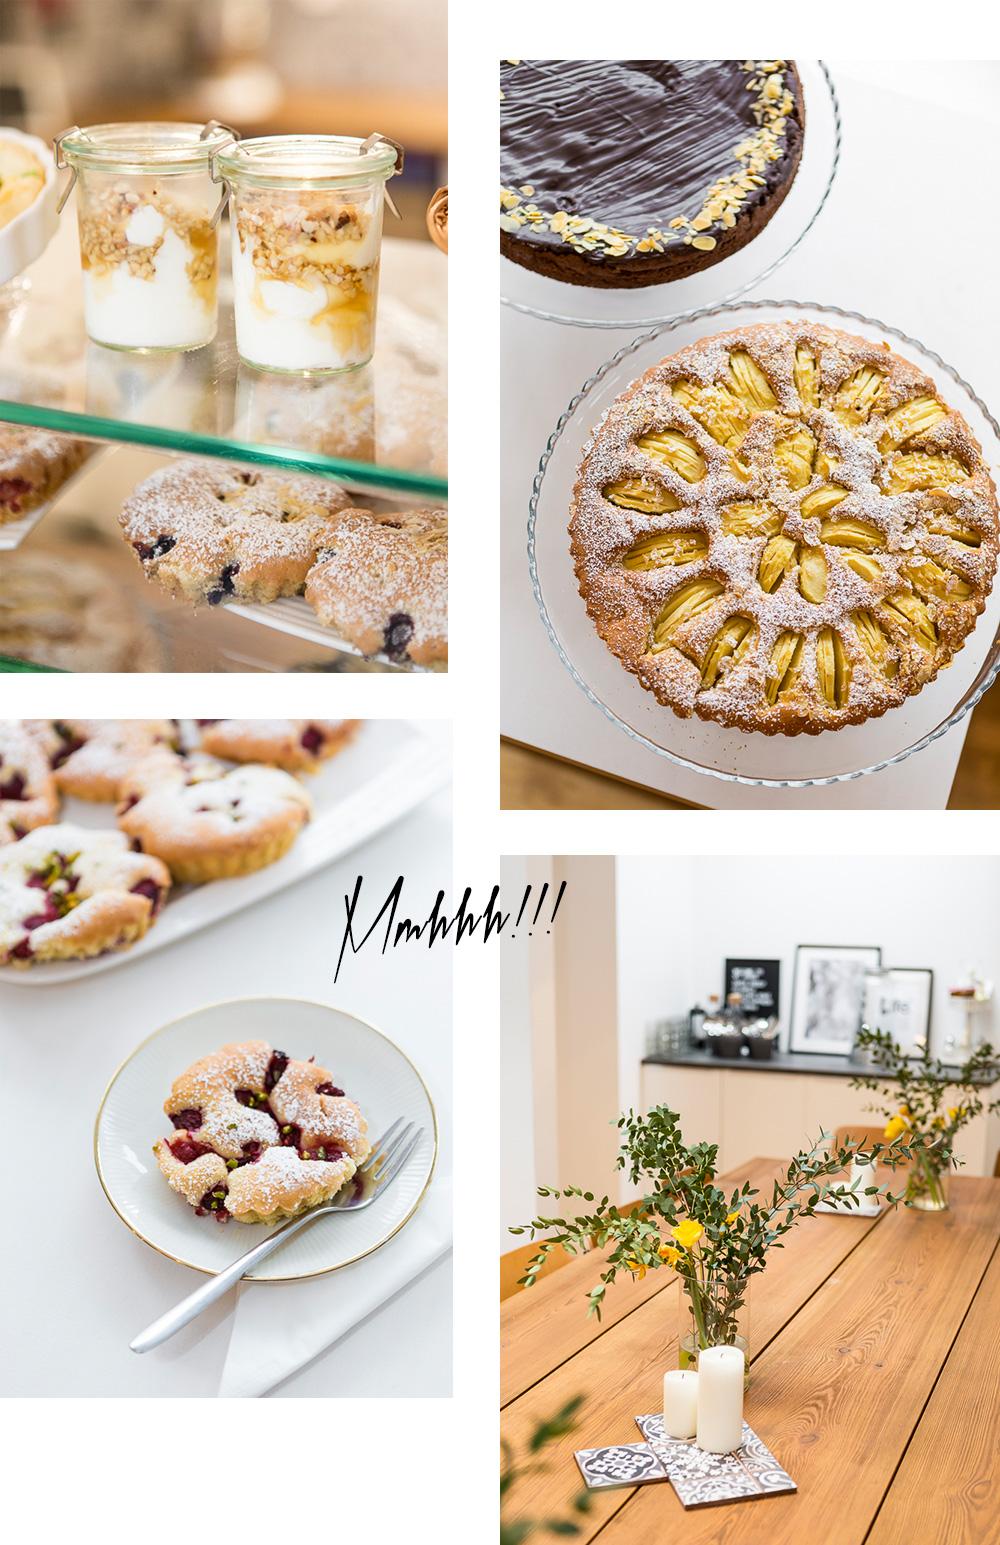 Femtastics-Osterdeich-Tag-und-Abend-Kuchen